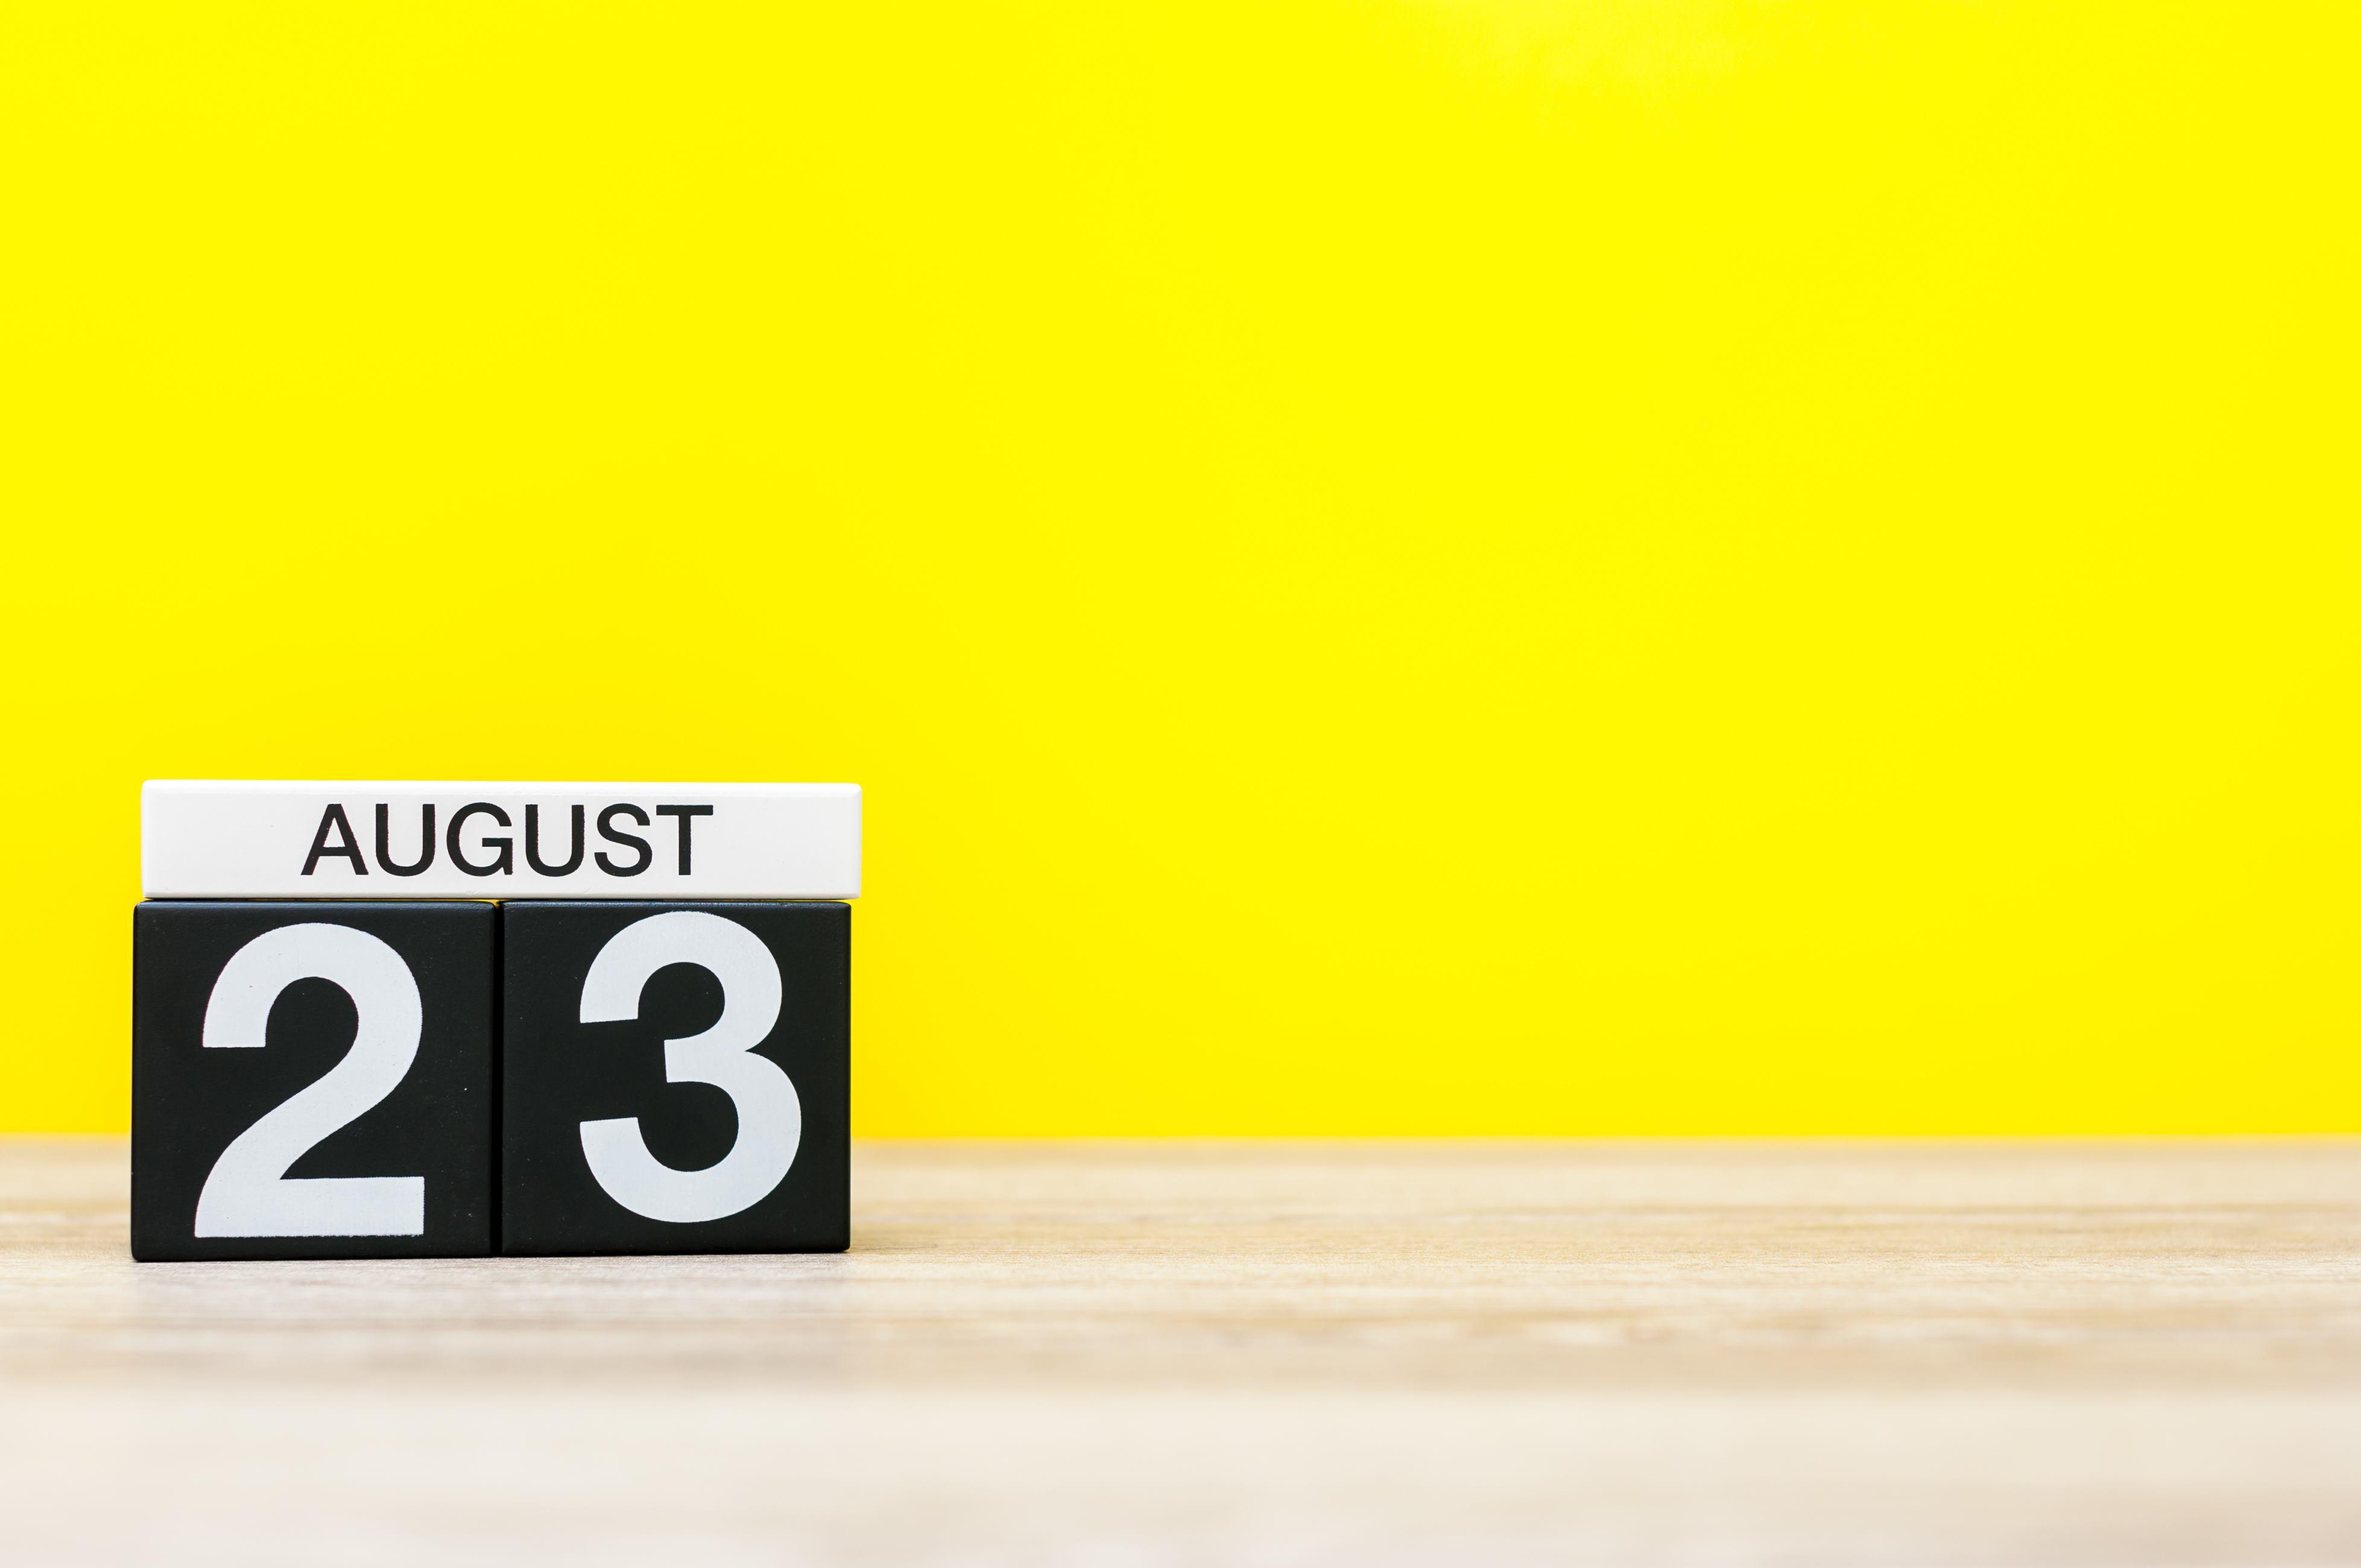 23 de agosto marcado en el calendario sobre fondo amarillo. | Fuente: Shutterstock